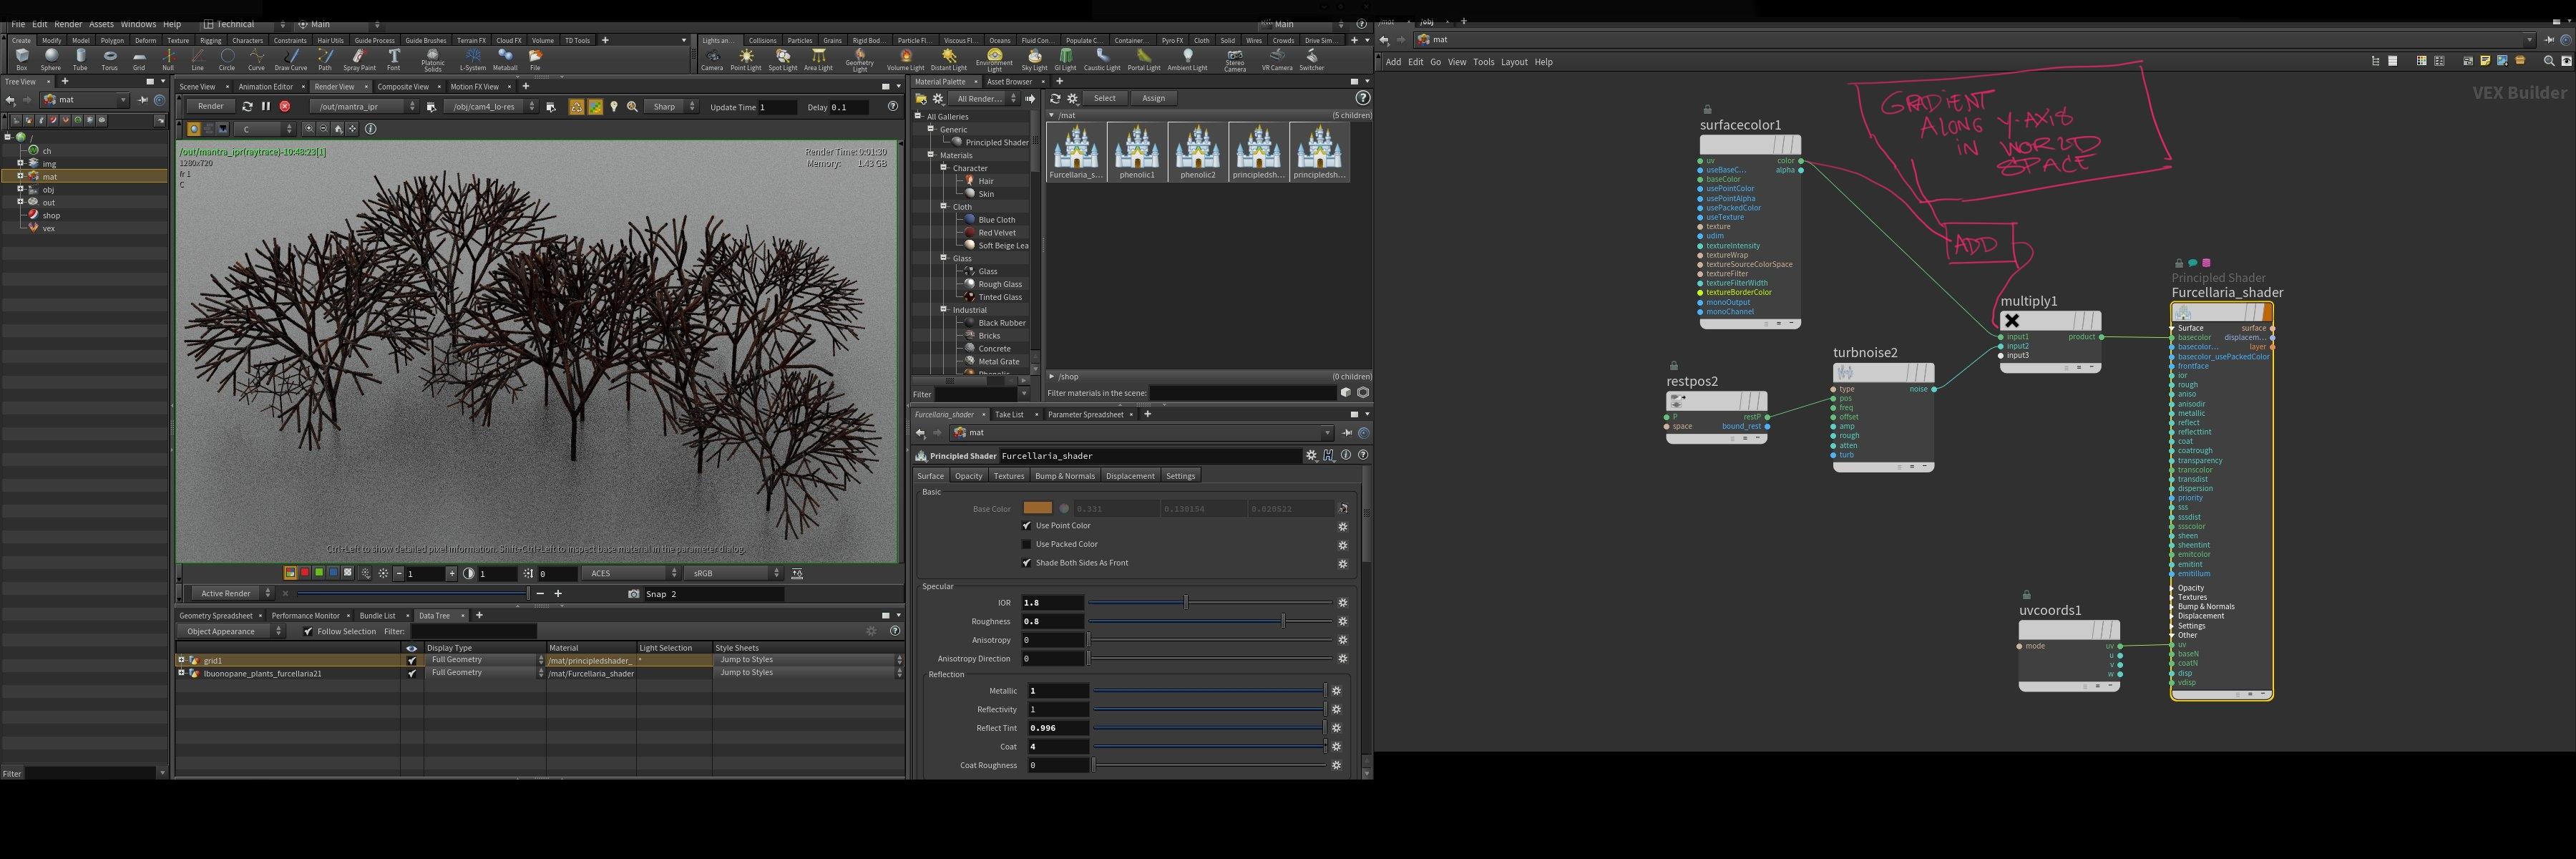 Gradient ramp along Y-axis in shader - Lighting & Rendering - od|forum